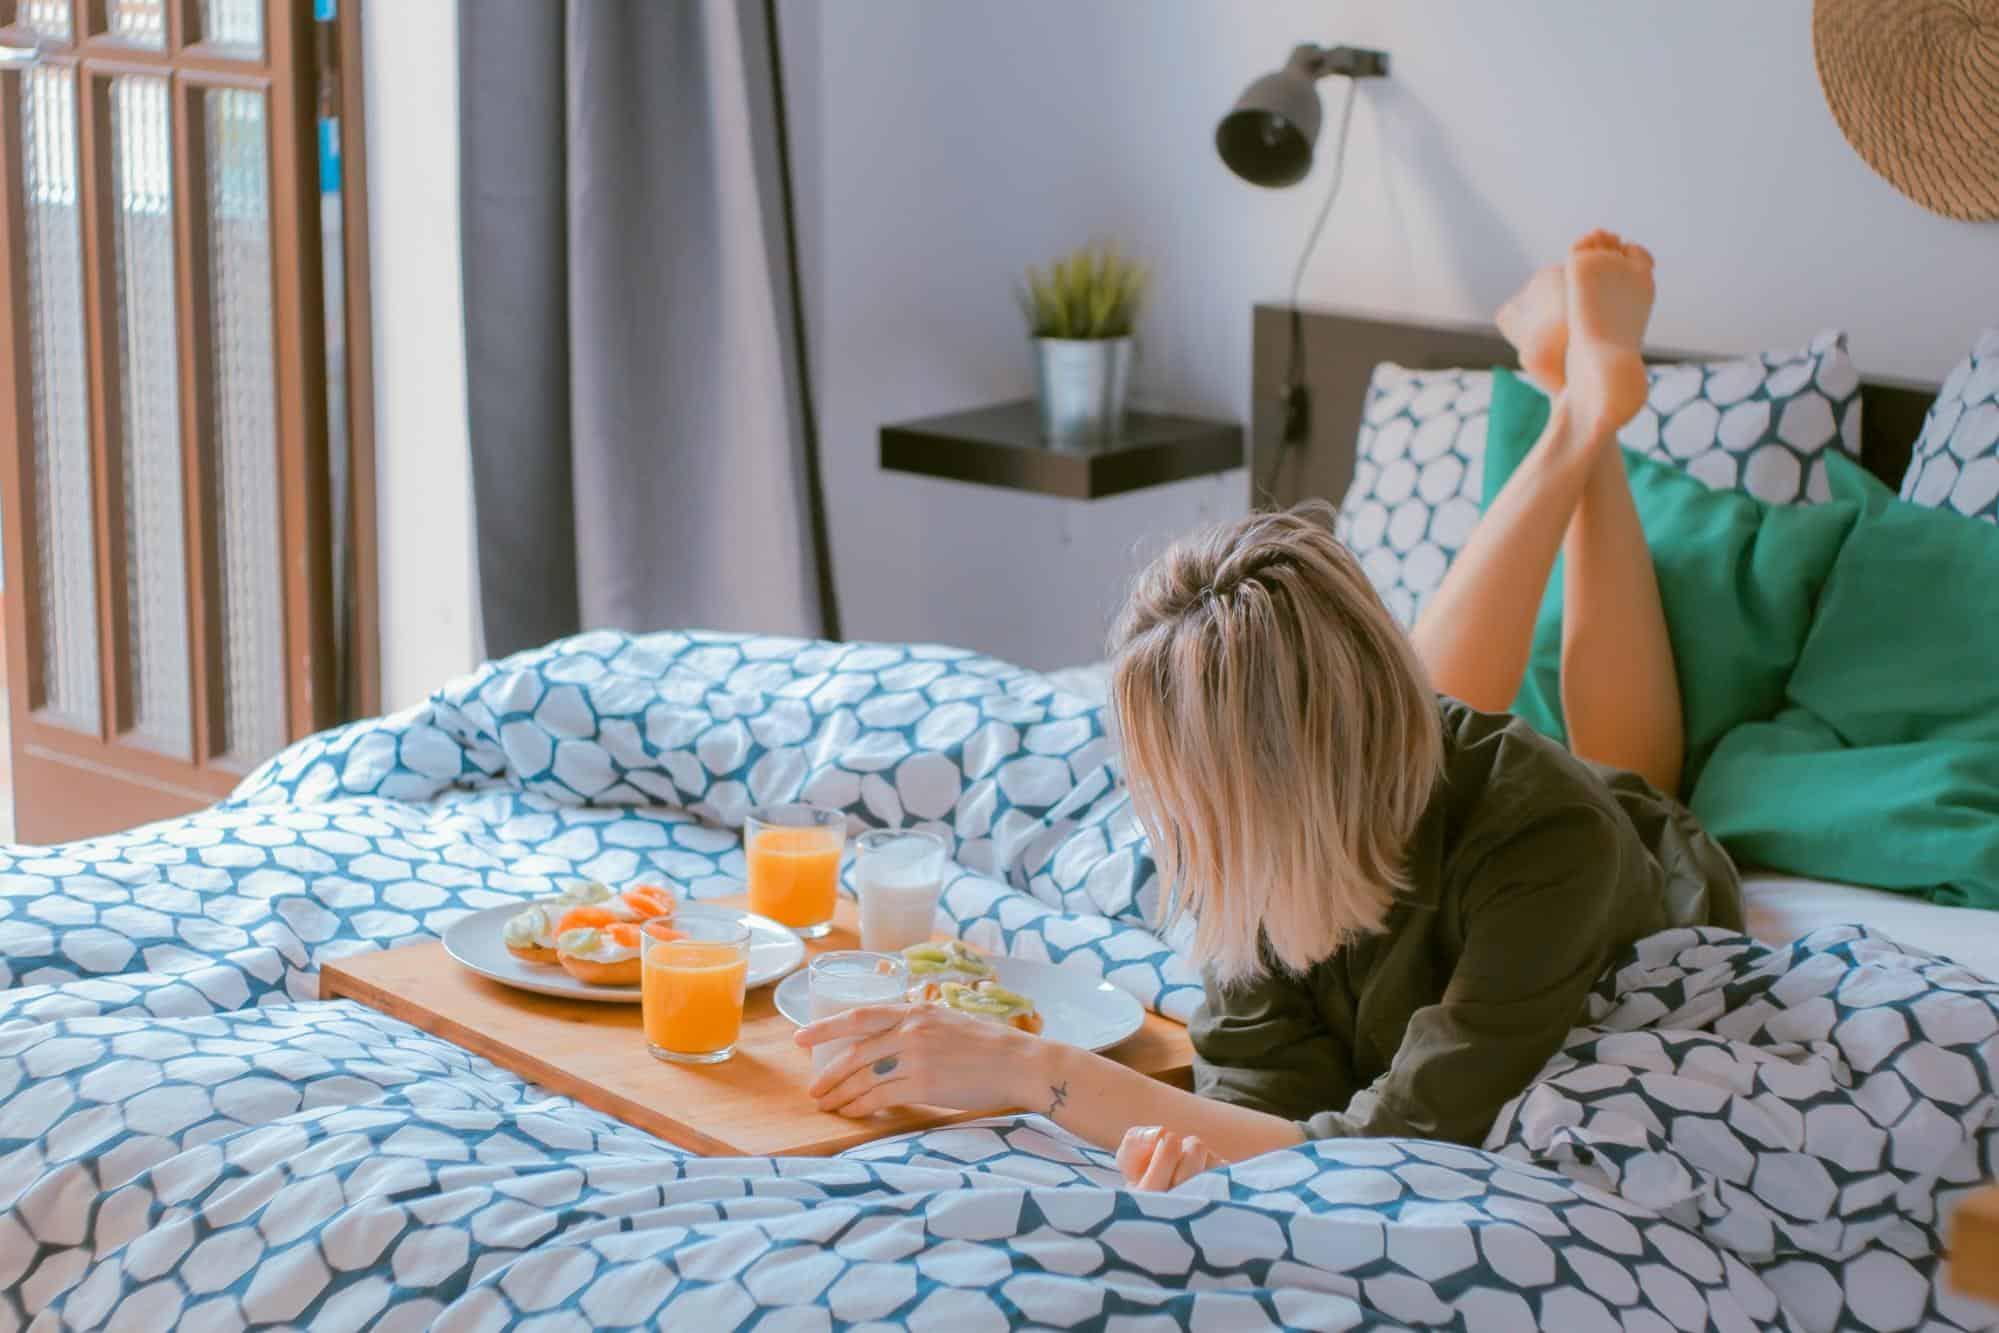 women eating breakfast in bed